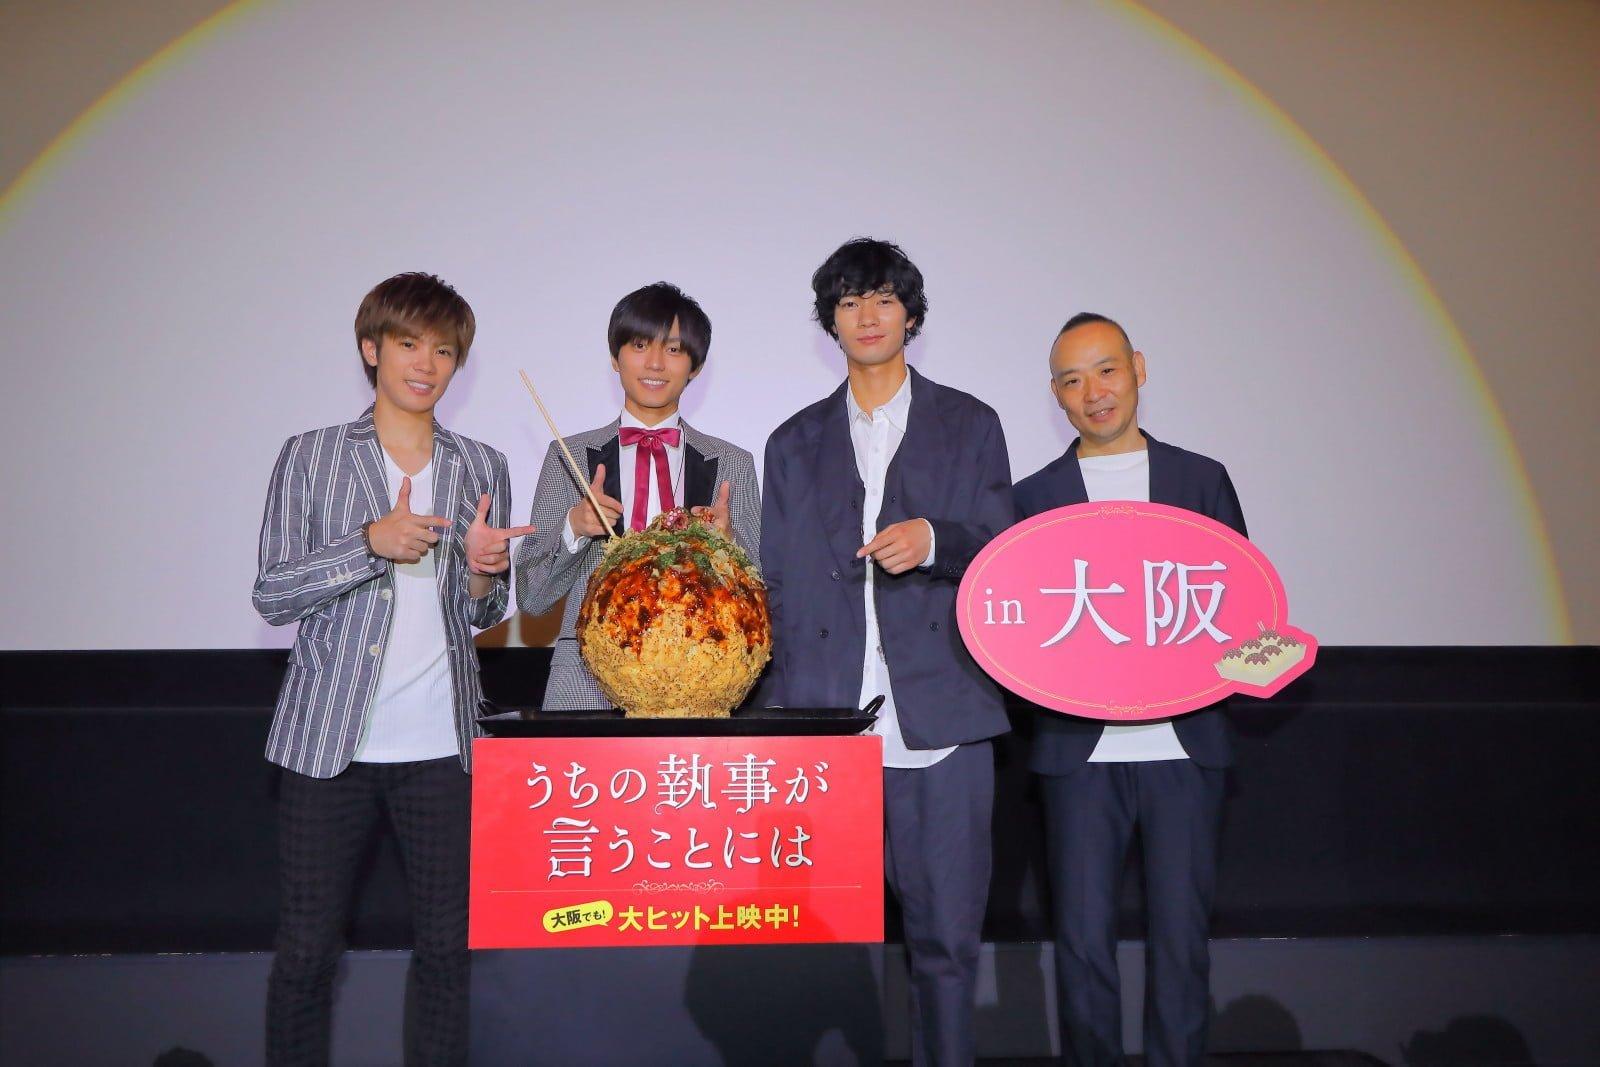 """三者三様の""""嬉しい""""で感謝を伝える!映画『うちの執事が言うことには』大阪舞台挨拶レポート"""